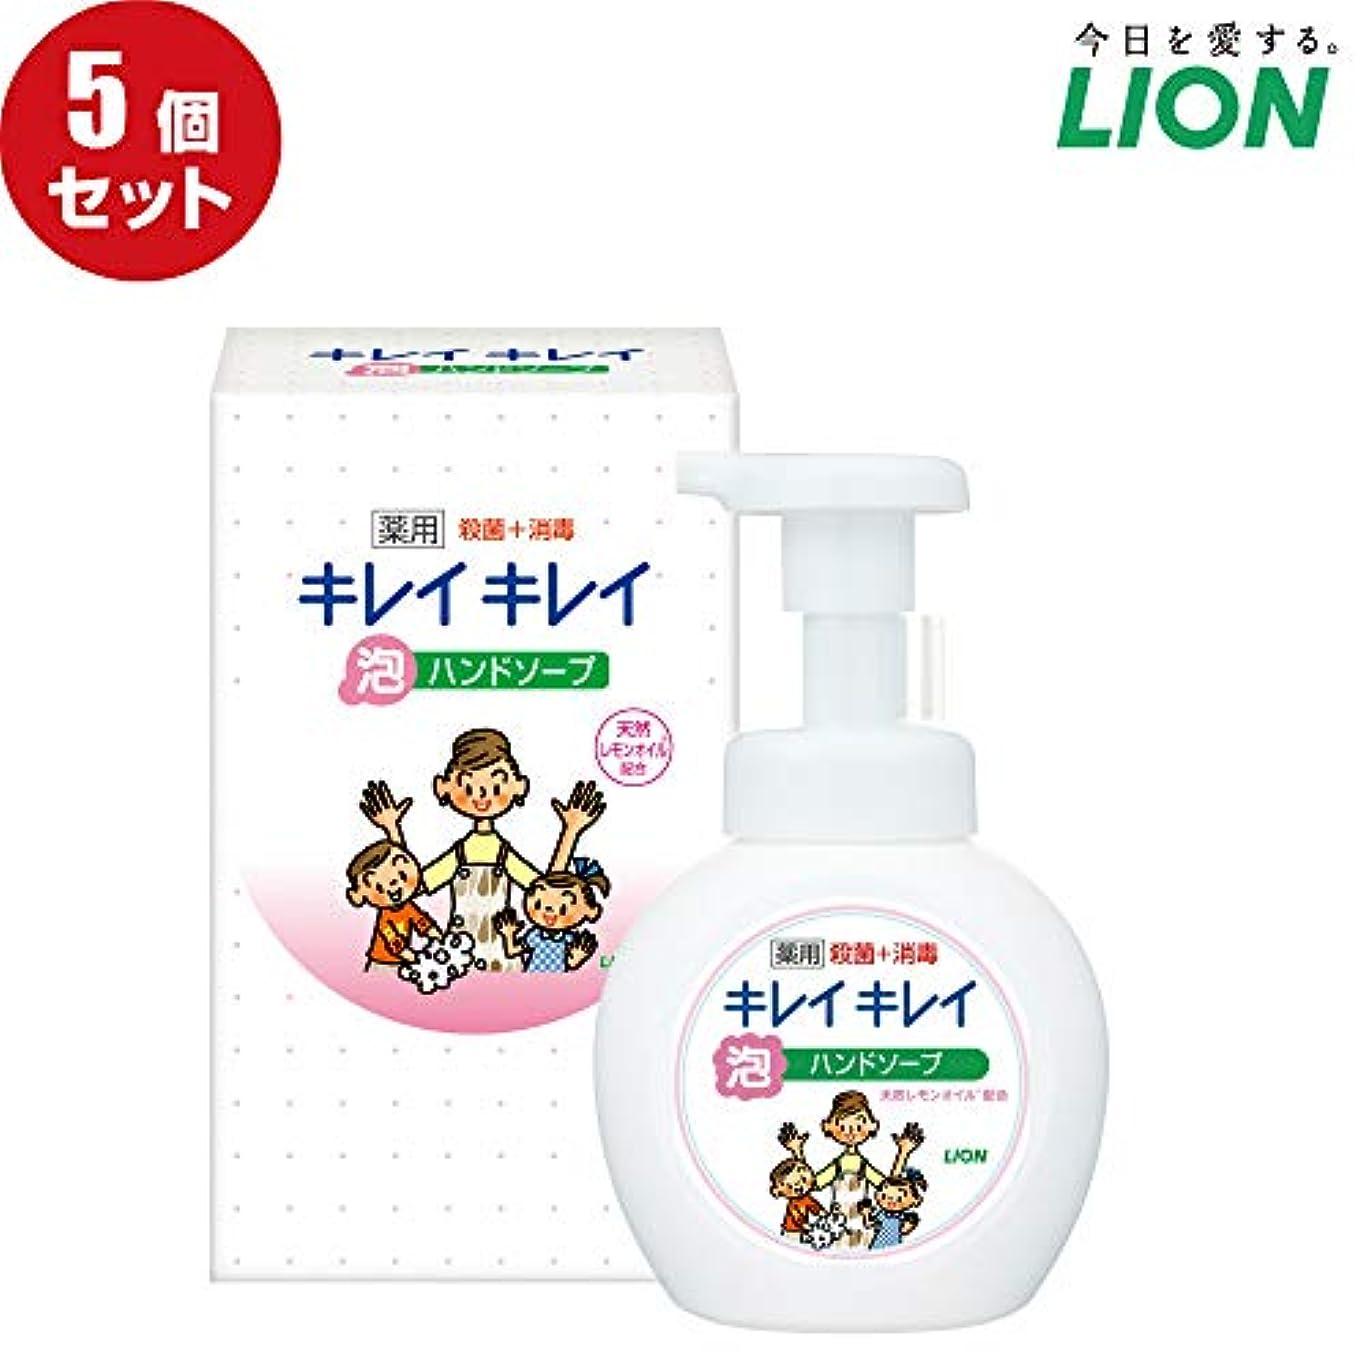 アロングタイト力強い【5個セット】LION キレイキレイ薬用泡ハンドソープ250ml ノベルティギフト用化粧箱入